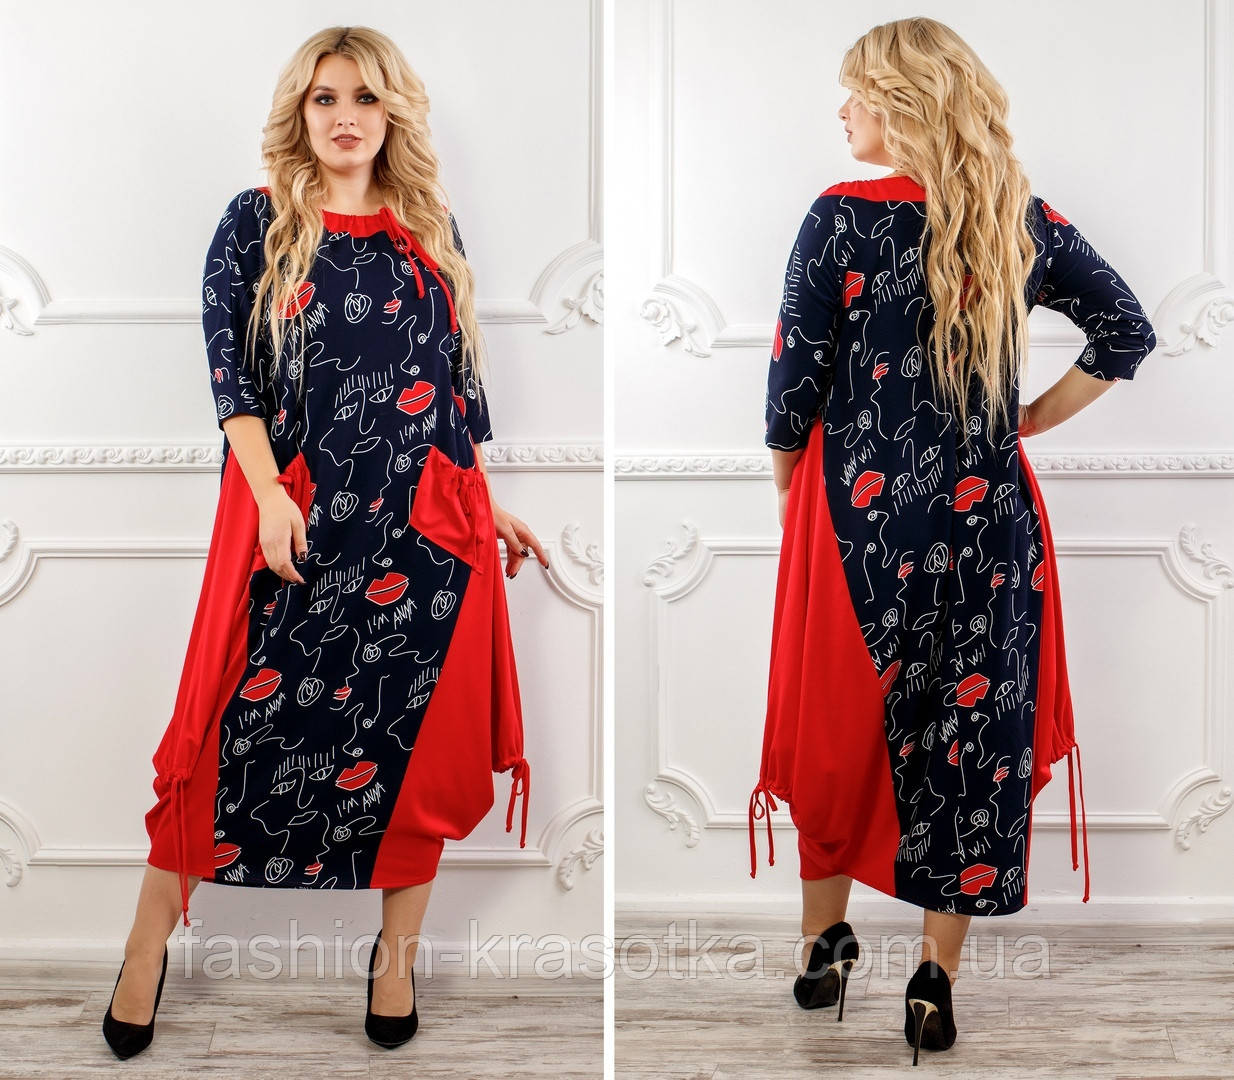 Шикарна жіноча видовжене сукні великих розмірів,тканина-французький трикотаж, креп